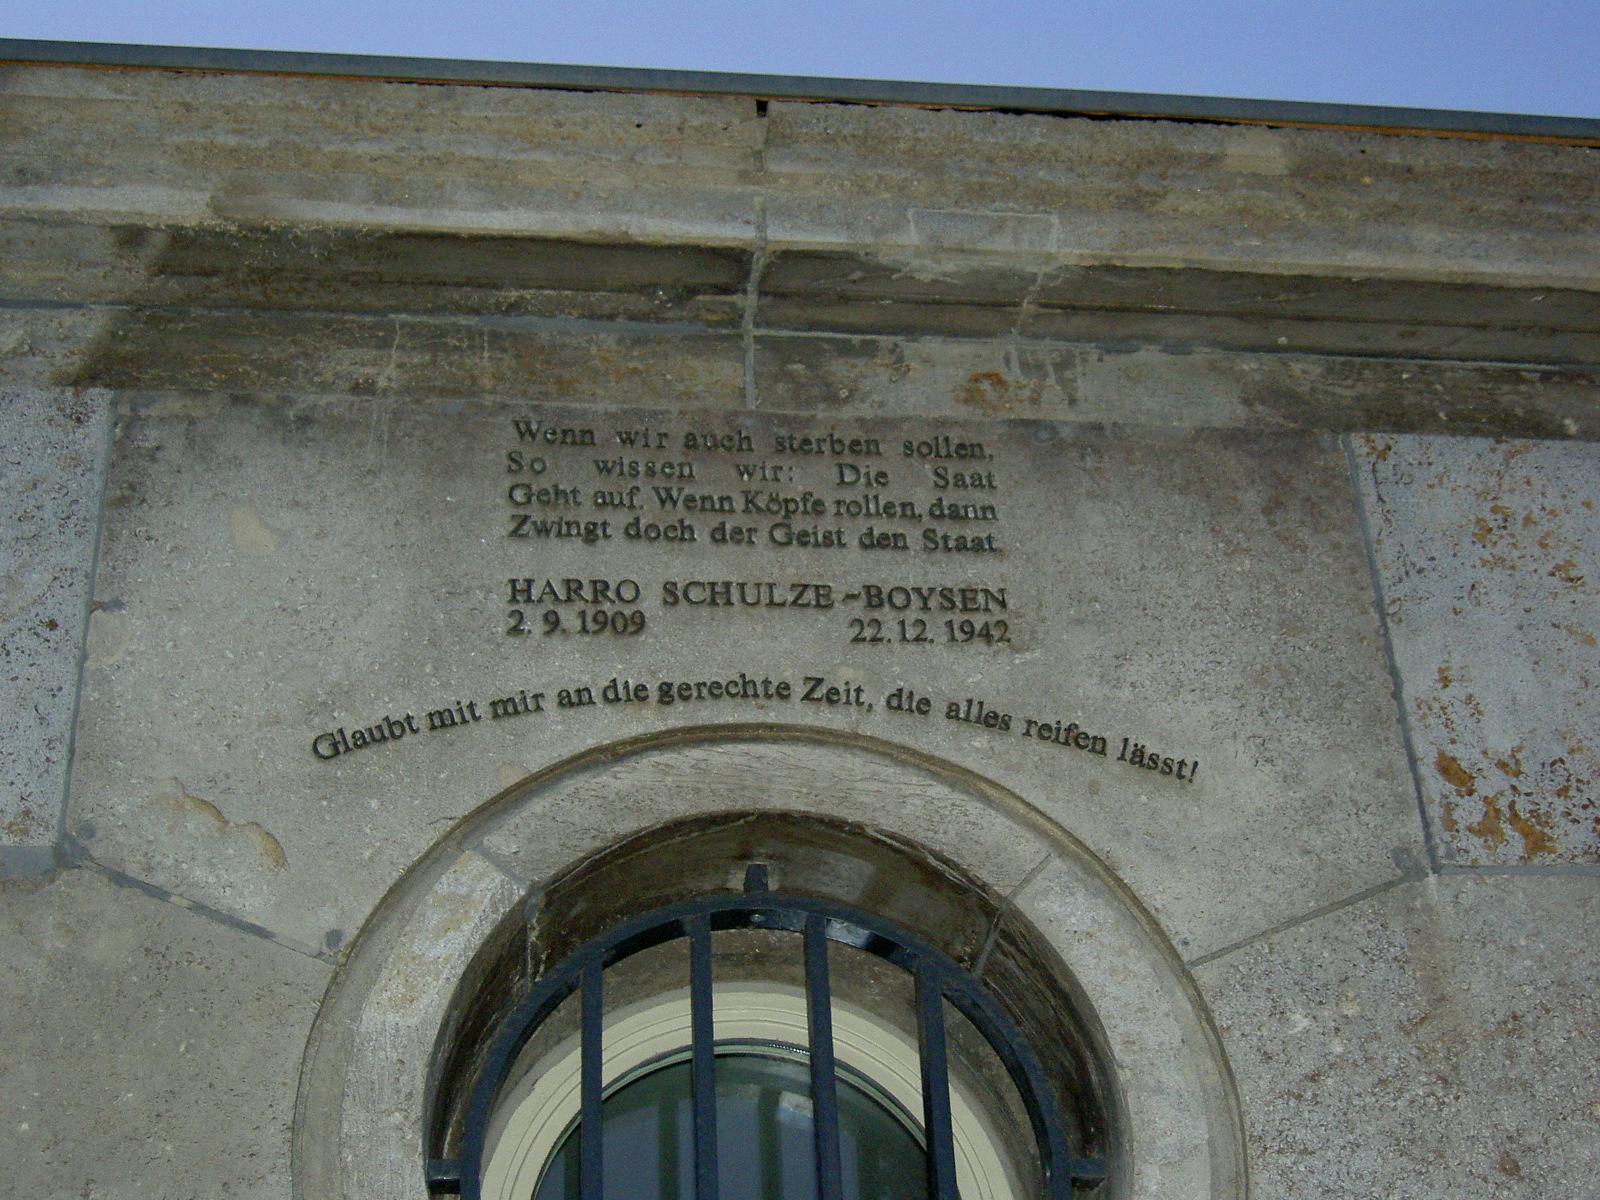 Kontakte der Berliner zu Auslandsvertretern[Bearbeiten - Quelltext bearbeiten]